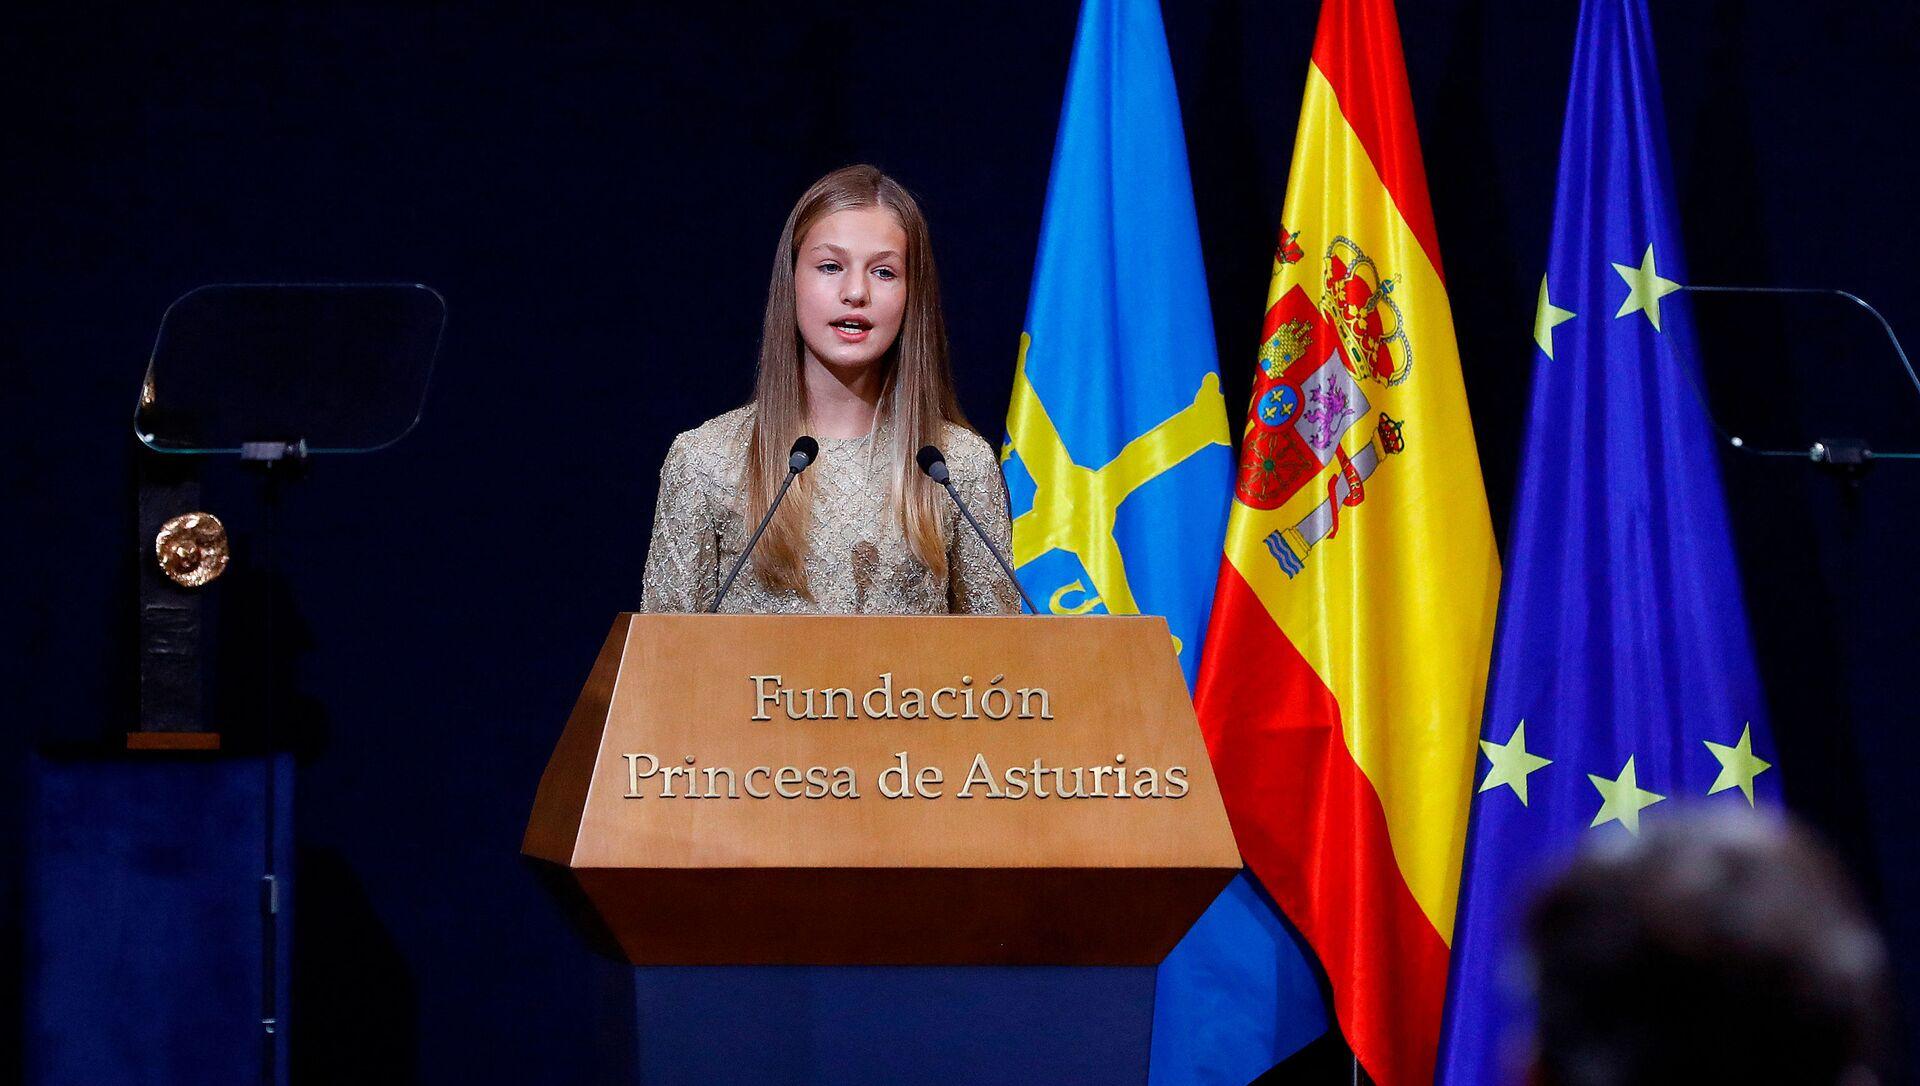 La Princesa Leonor de España pronuncia un discurso durante la ceremonia de entrega del premio Princesa de Asturias 2020 - Sputnik Mundo, 1920, 10.02.2021